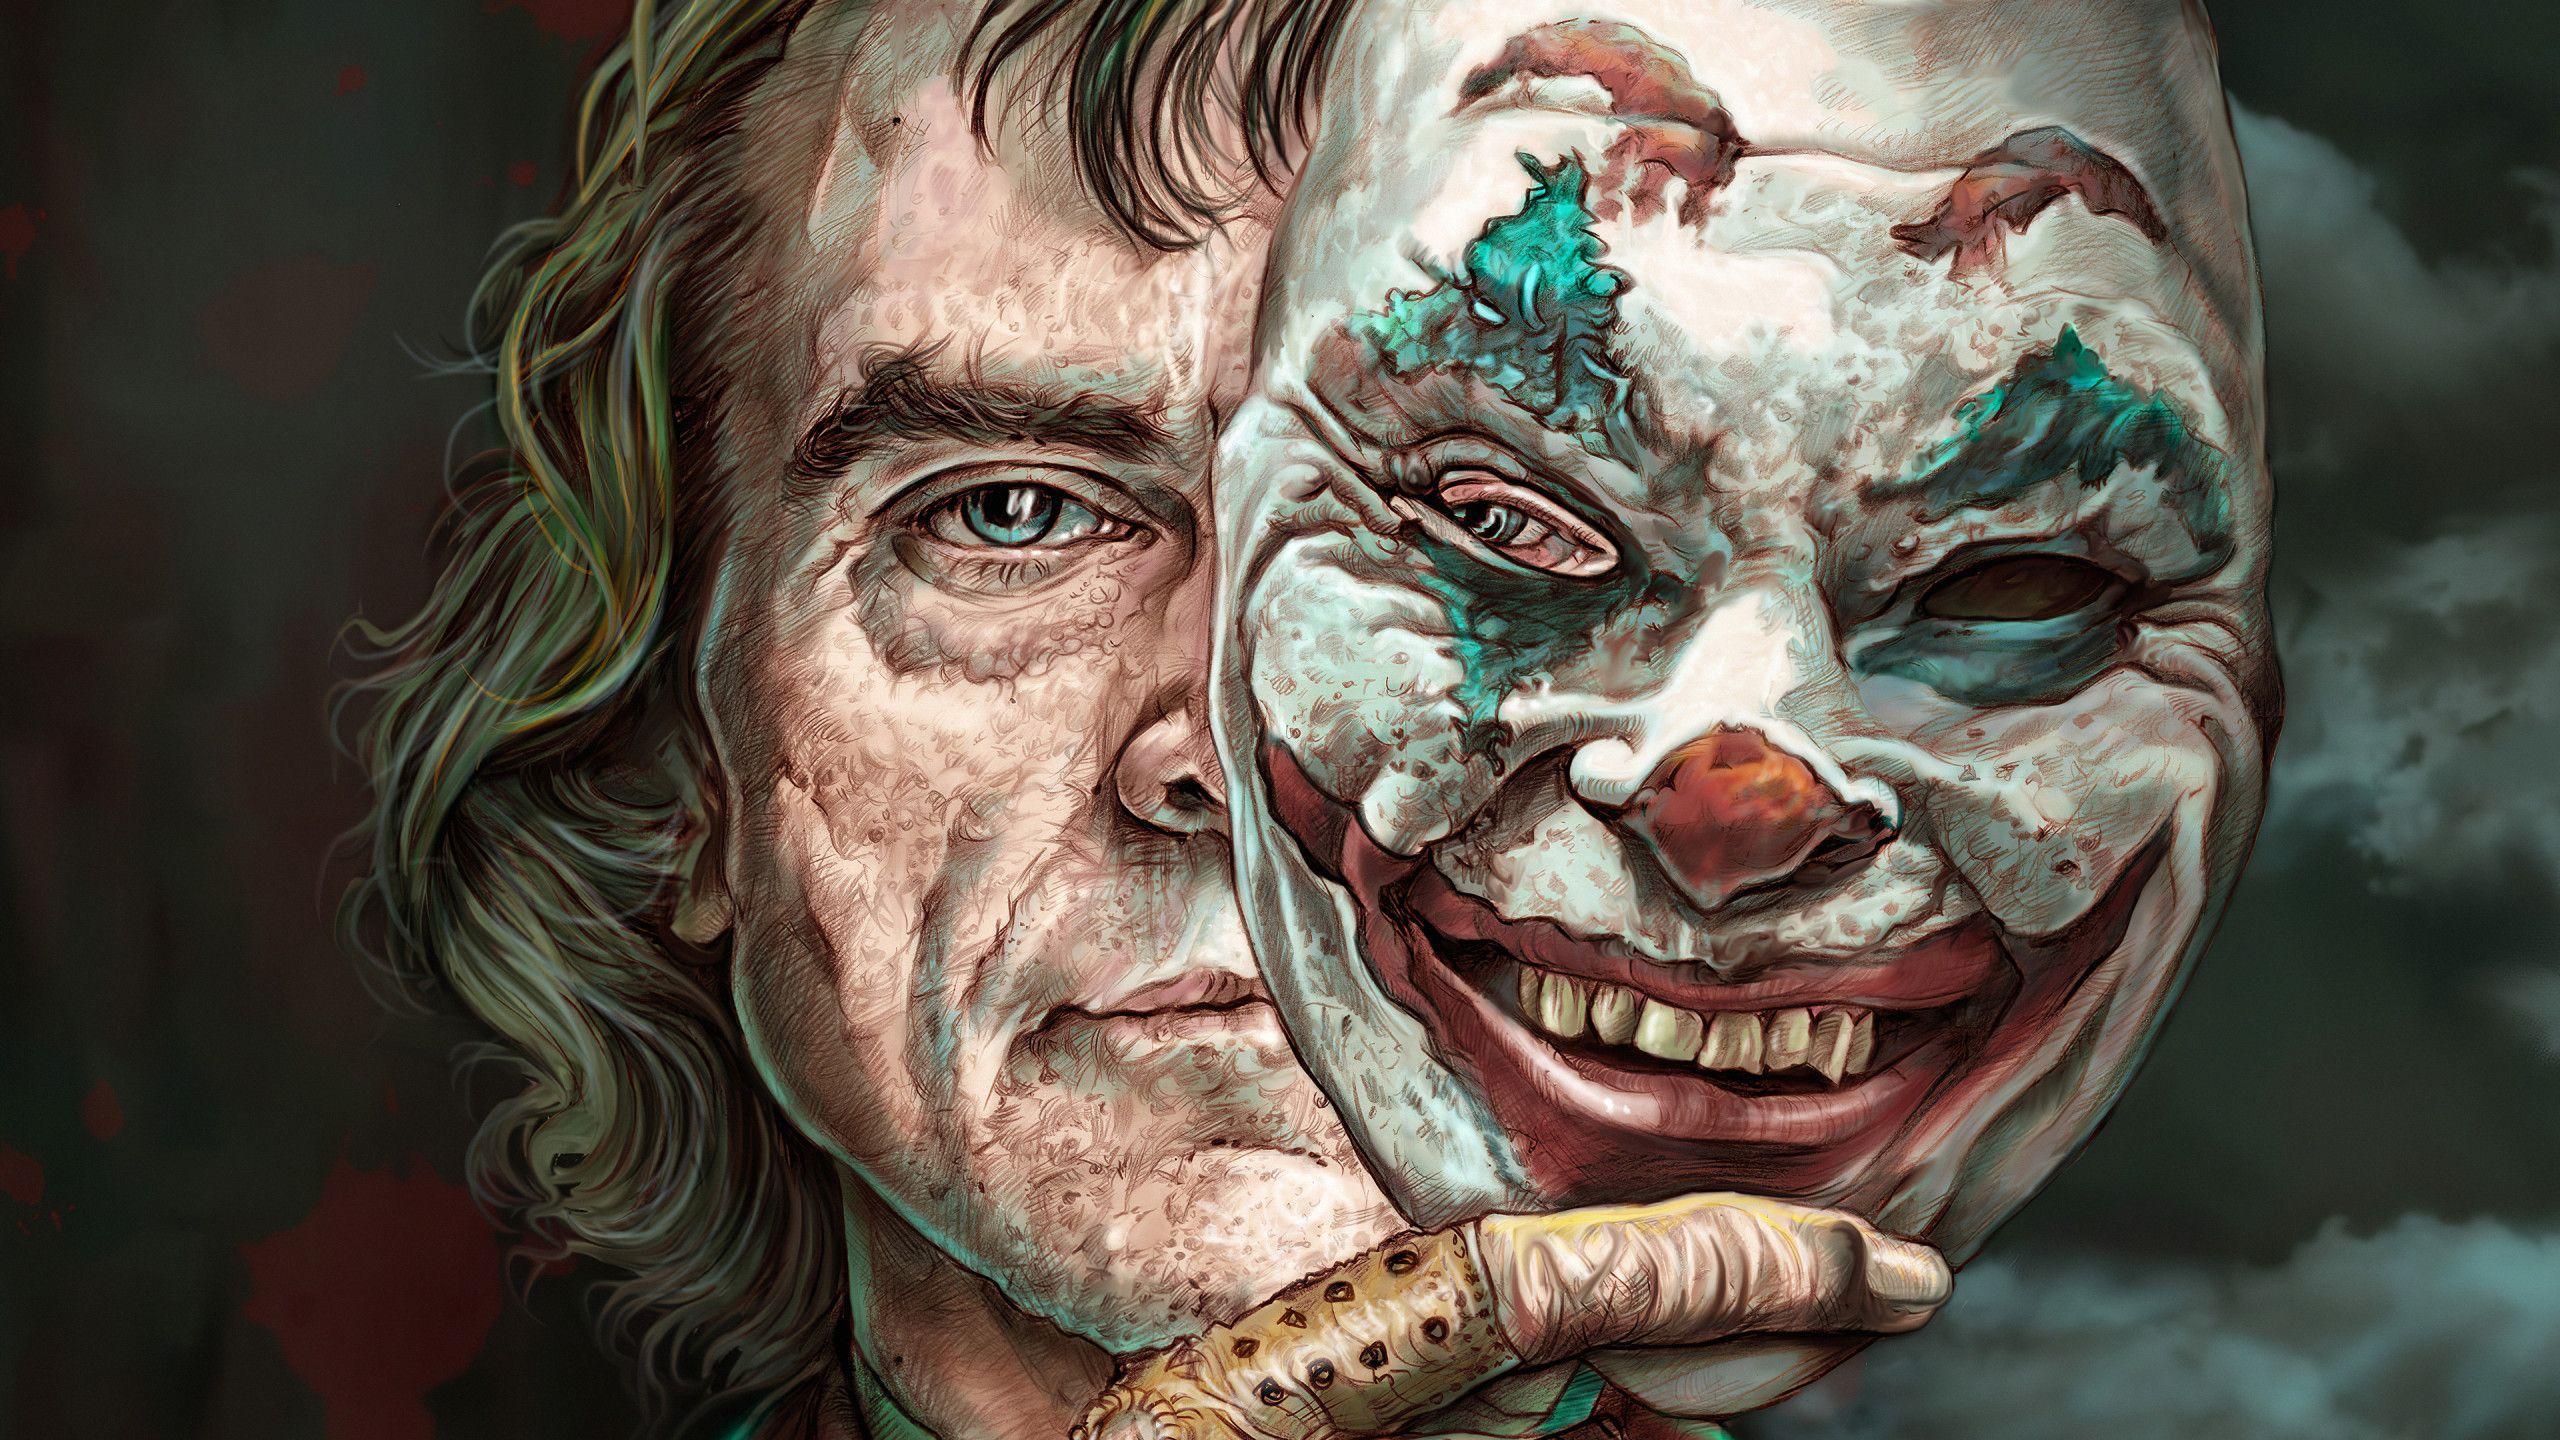 Joker Face Wallpapers Top Free Joker Face Backgrounds Wallpaperaccess